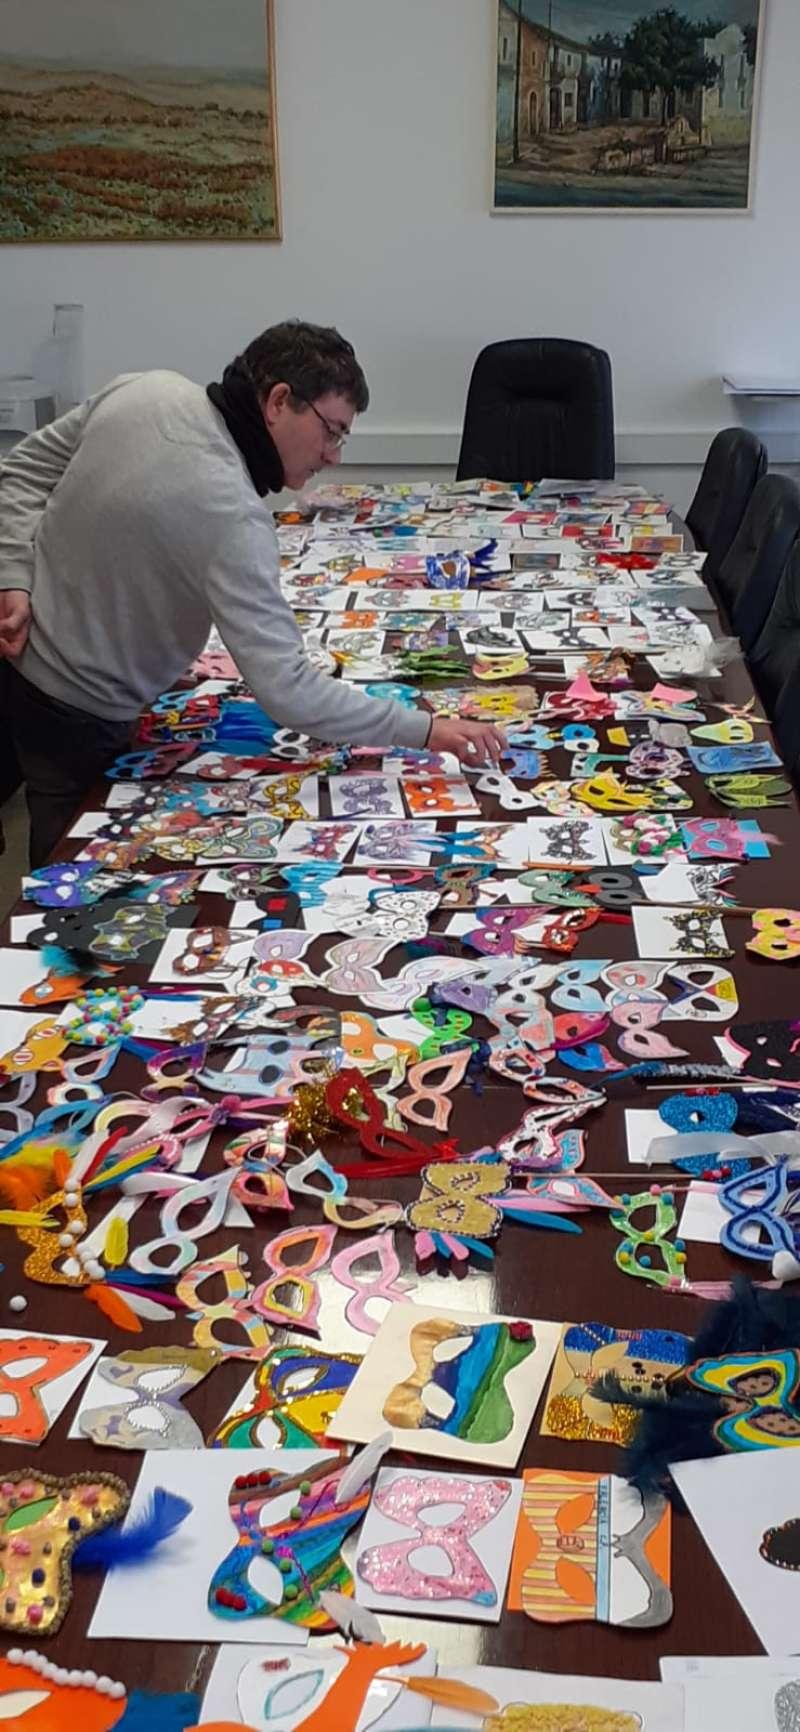 Se han presentado más de 300 máscaras pintadas y decoradas. / EPDA